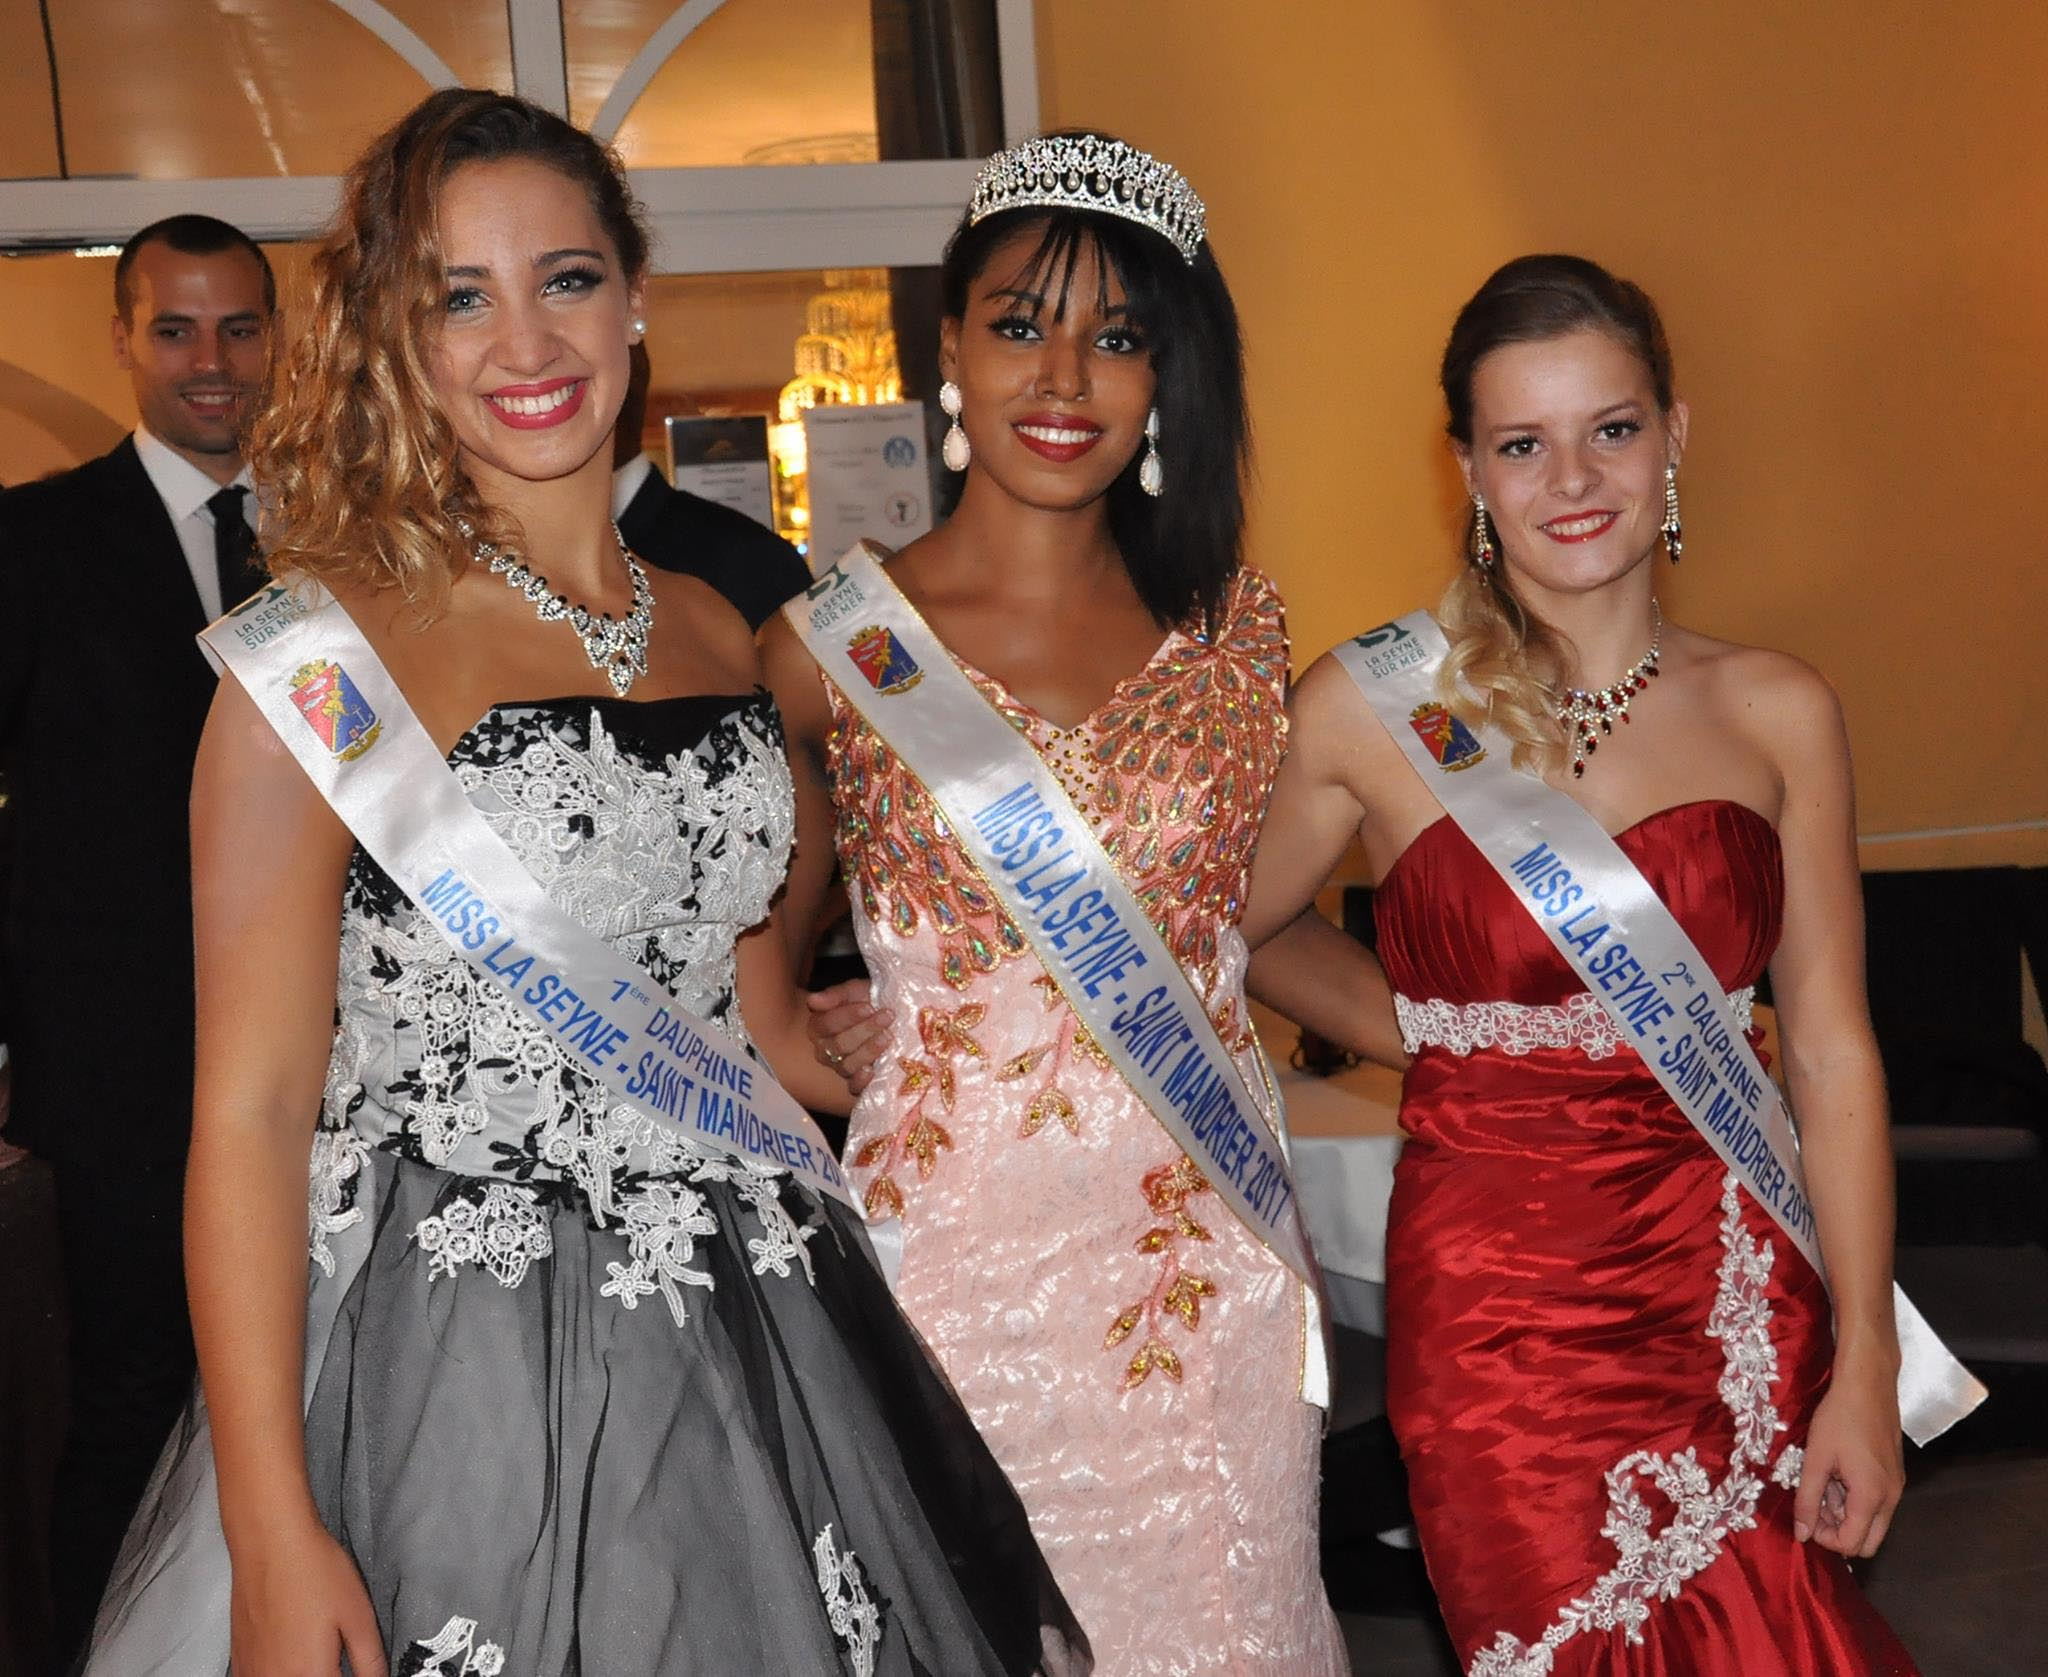 Alicia ALEXIS, Miss La Seyne / Saint Mandrier entourée de ses deux dauphines, à gauche, Lucie ALLEGRE et à droite, la Mandréenne Amandine DIAS